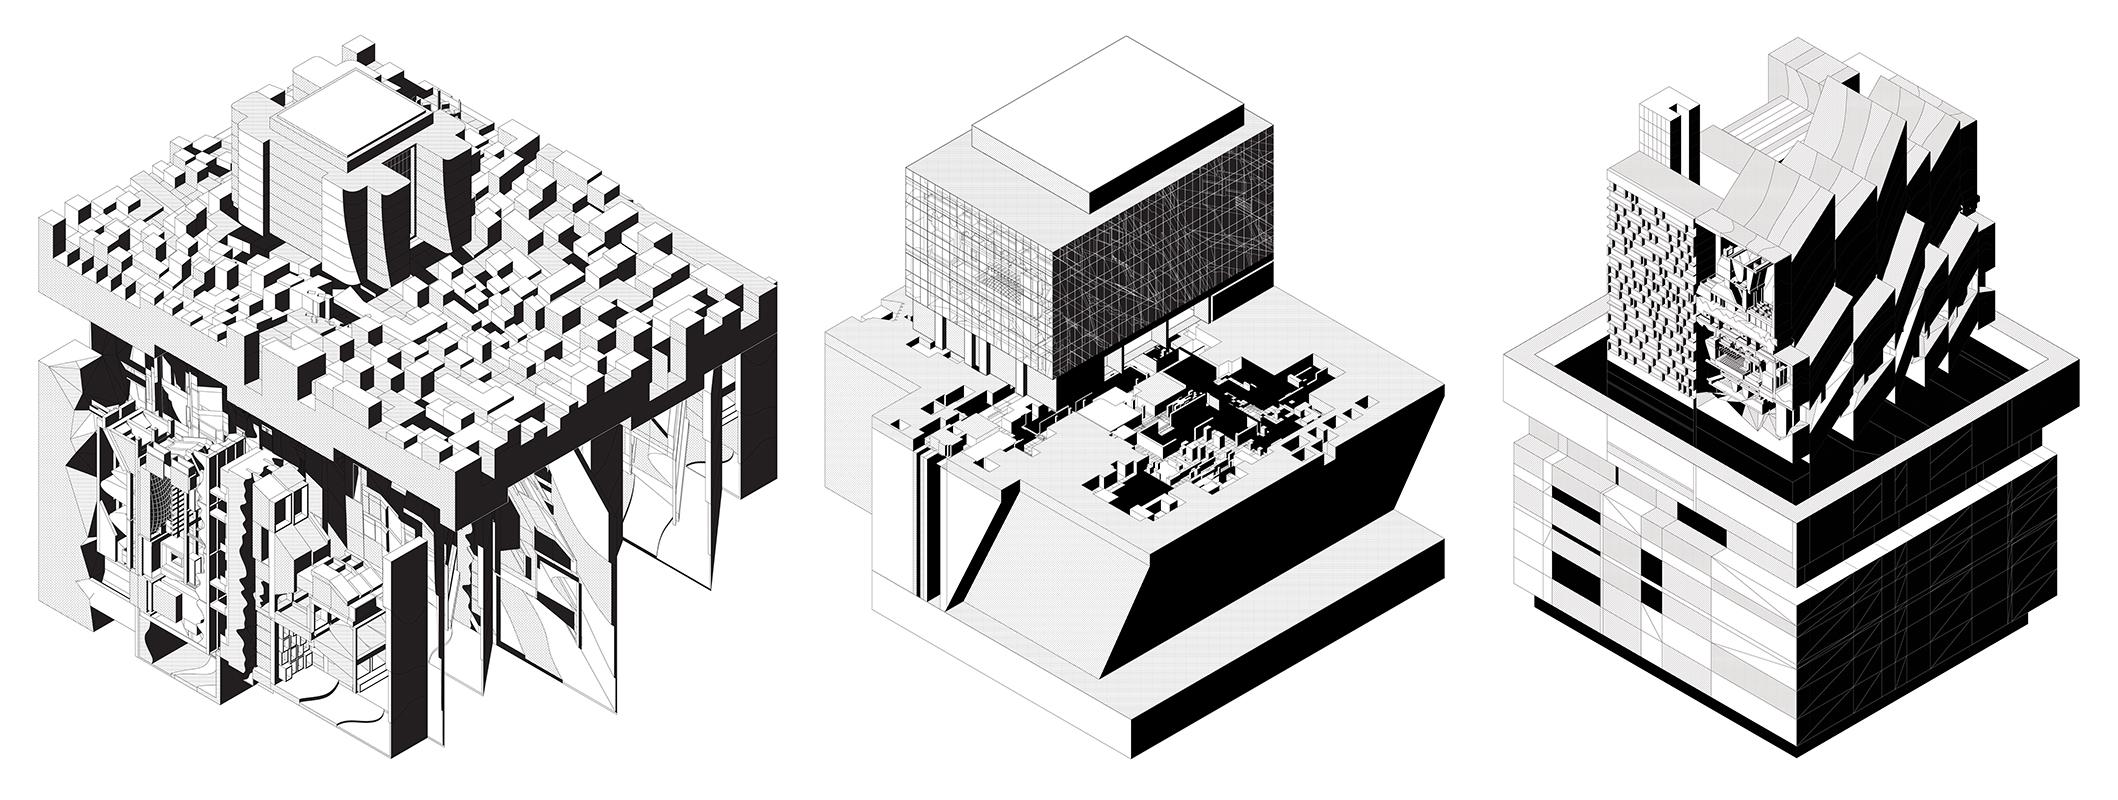 45_data-centres.jpg